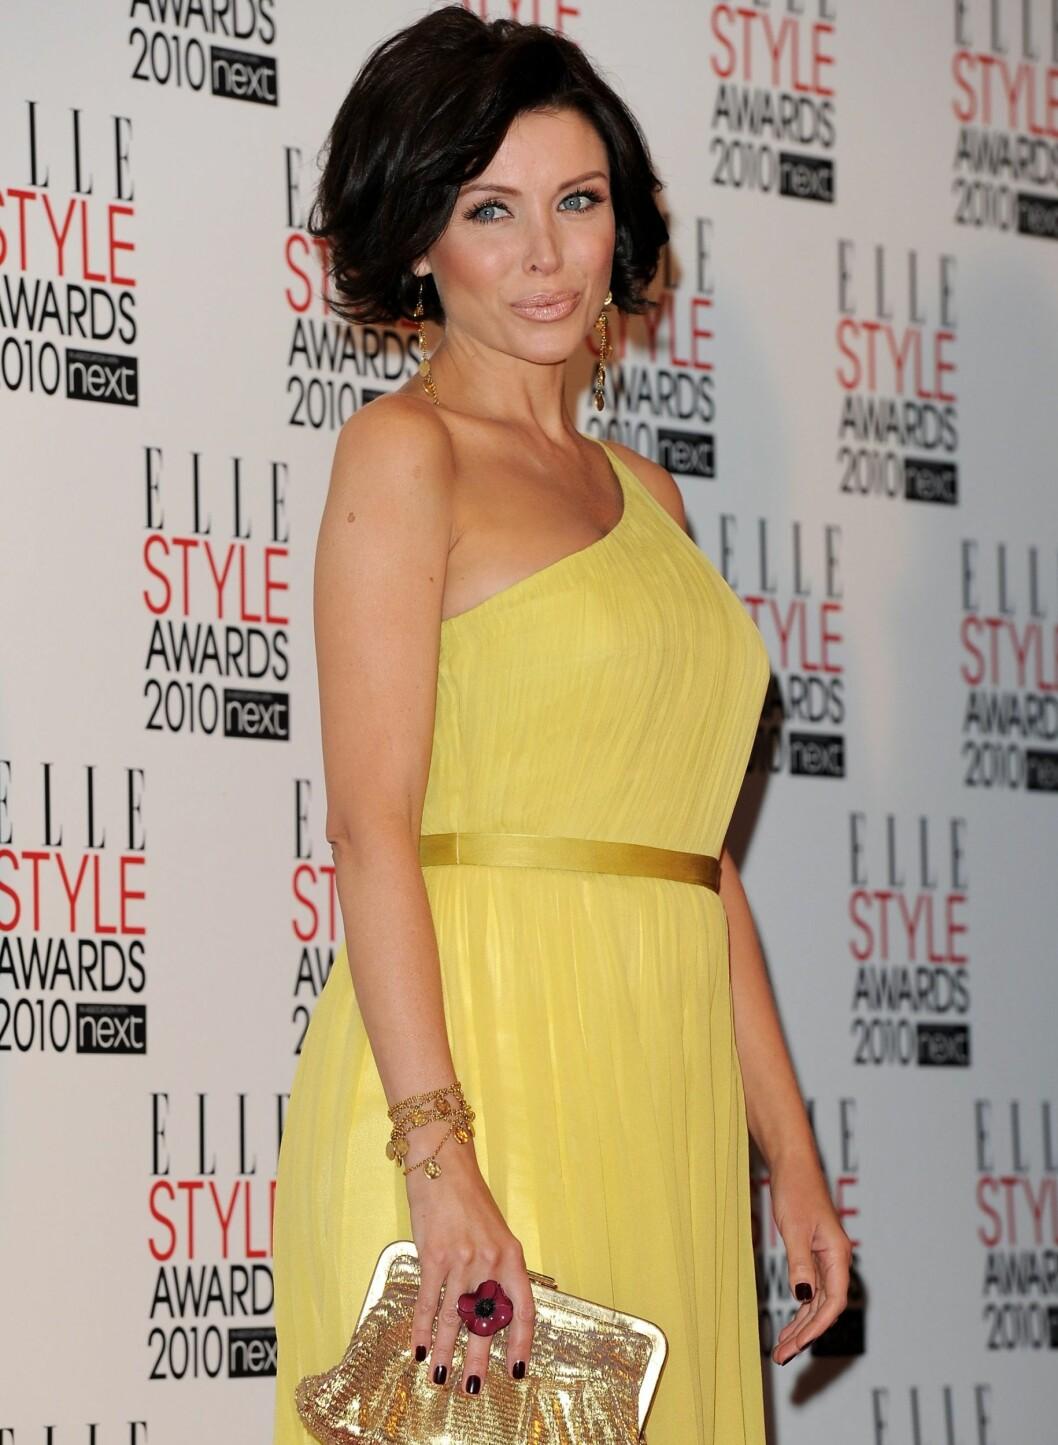 Dannii Minogue i en solgul, asymmetrisk kjole. Til denne kjolen har hun valgt gullfargede detaljer, som veske, armbånd og øredobber.  Foto: All Over Press